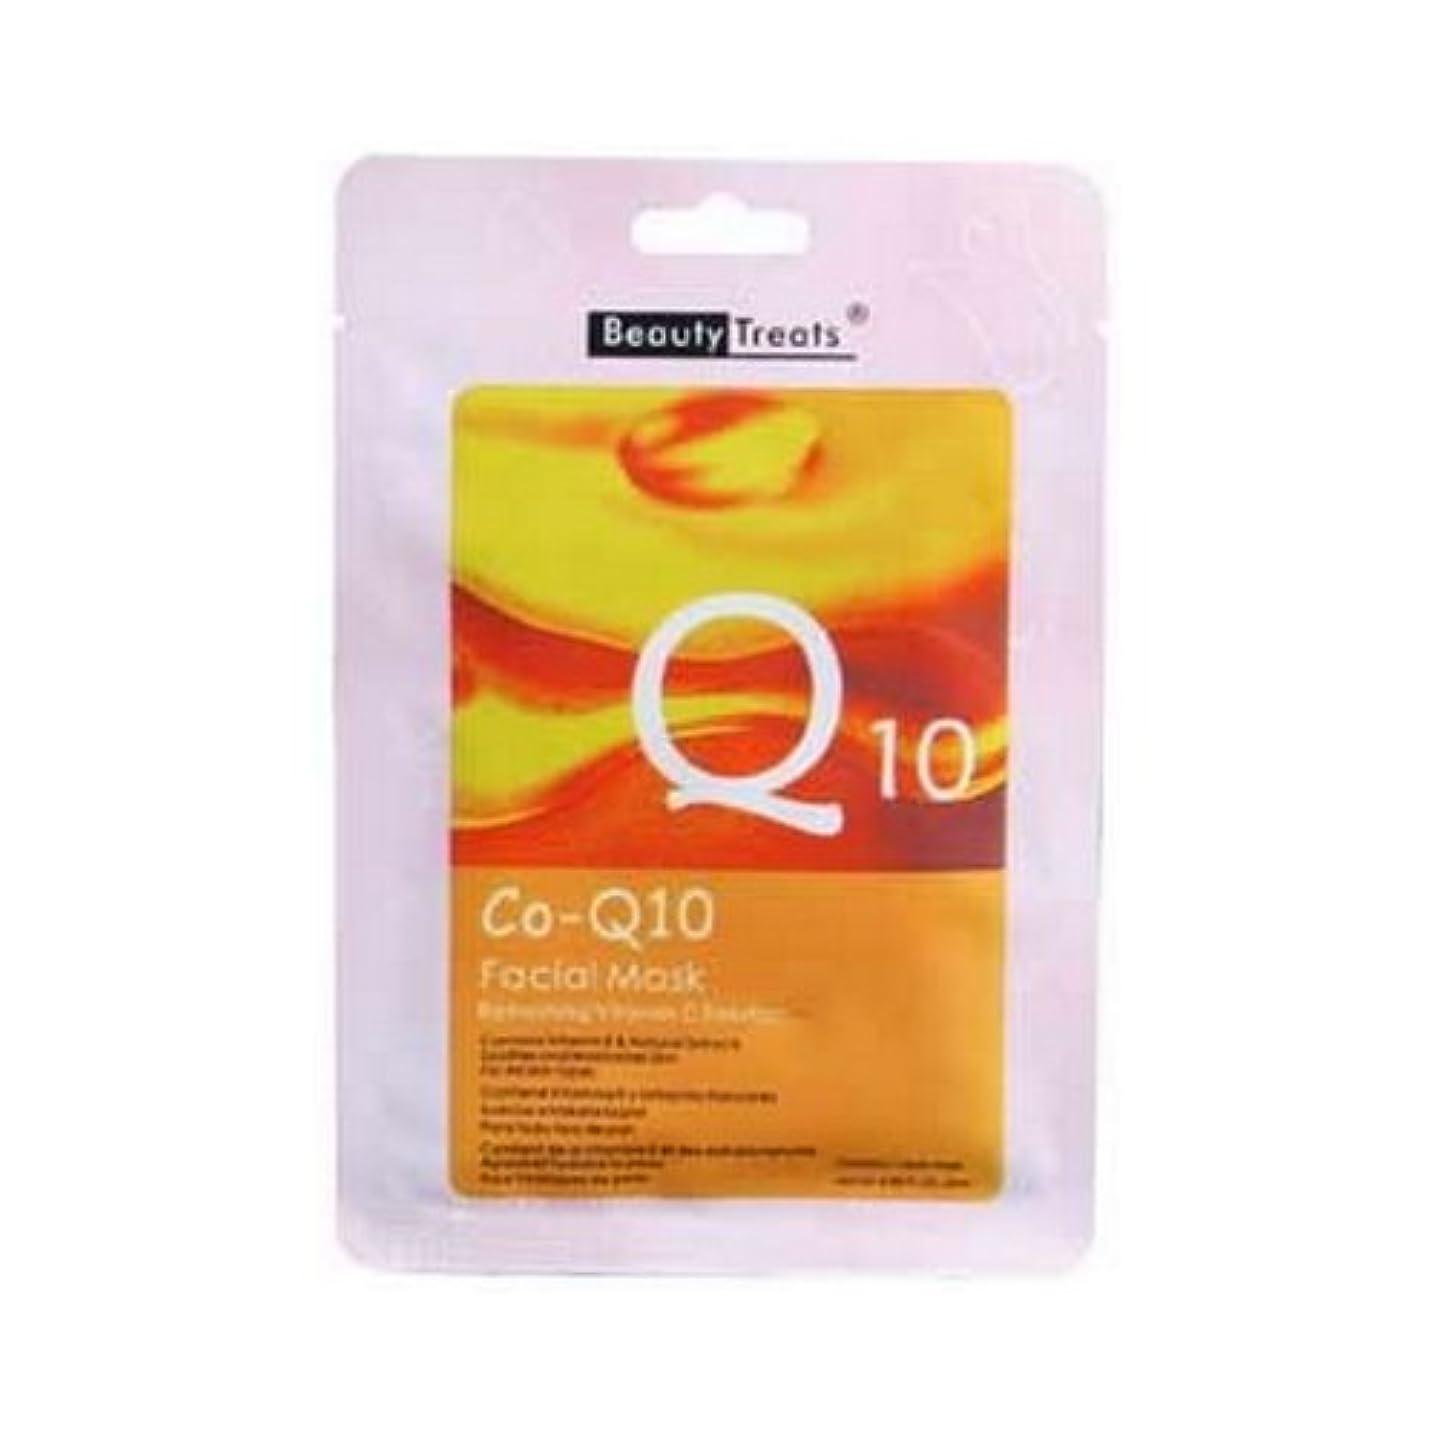 可動式化学者司法(3 Pack) BEAUTY TREATS Facial Mask Refreshing Vitamin C Solution - Co-Q10 (並行輸入品)